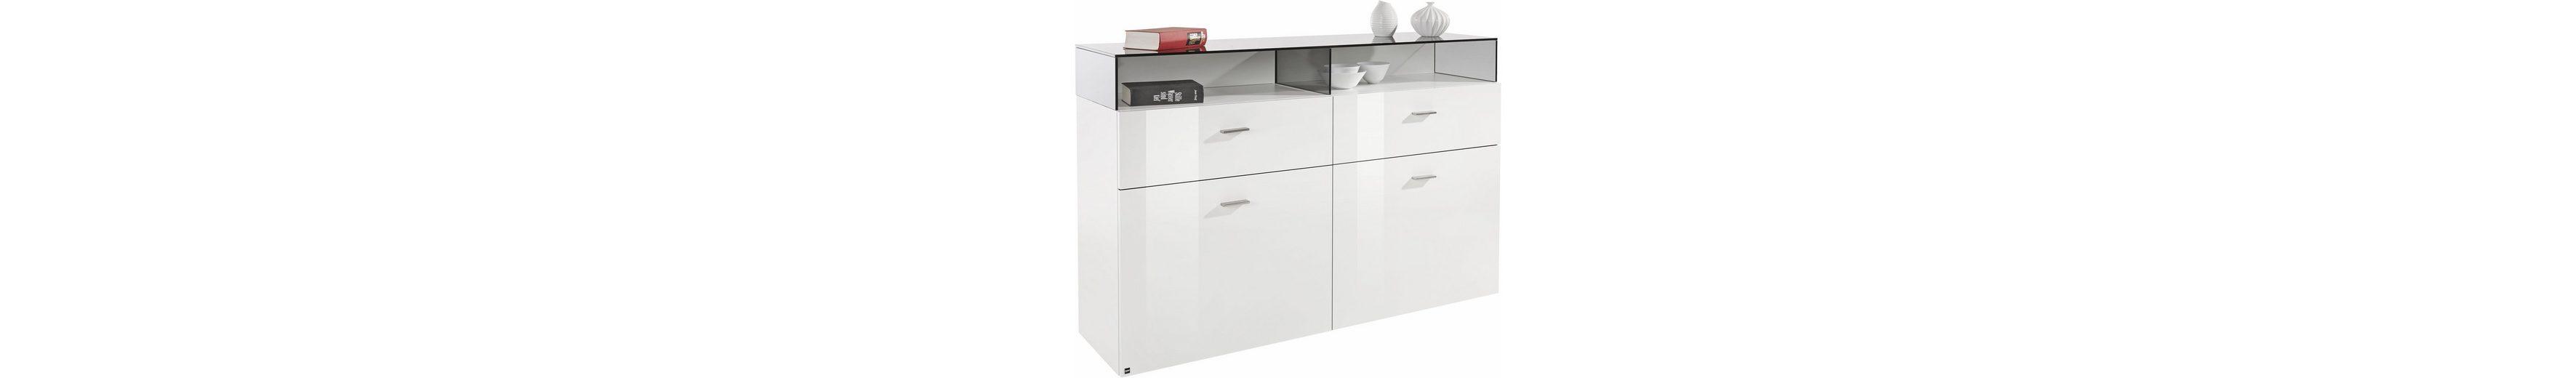 now! by hülsta Sideboard »now! no. 14« mit Glashaube, Breite 140 cm